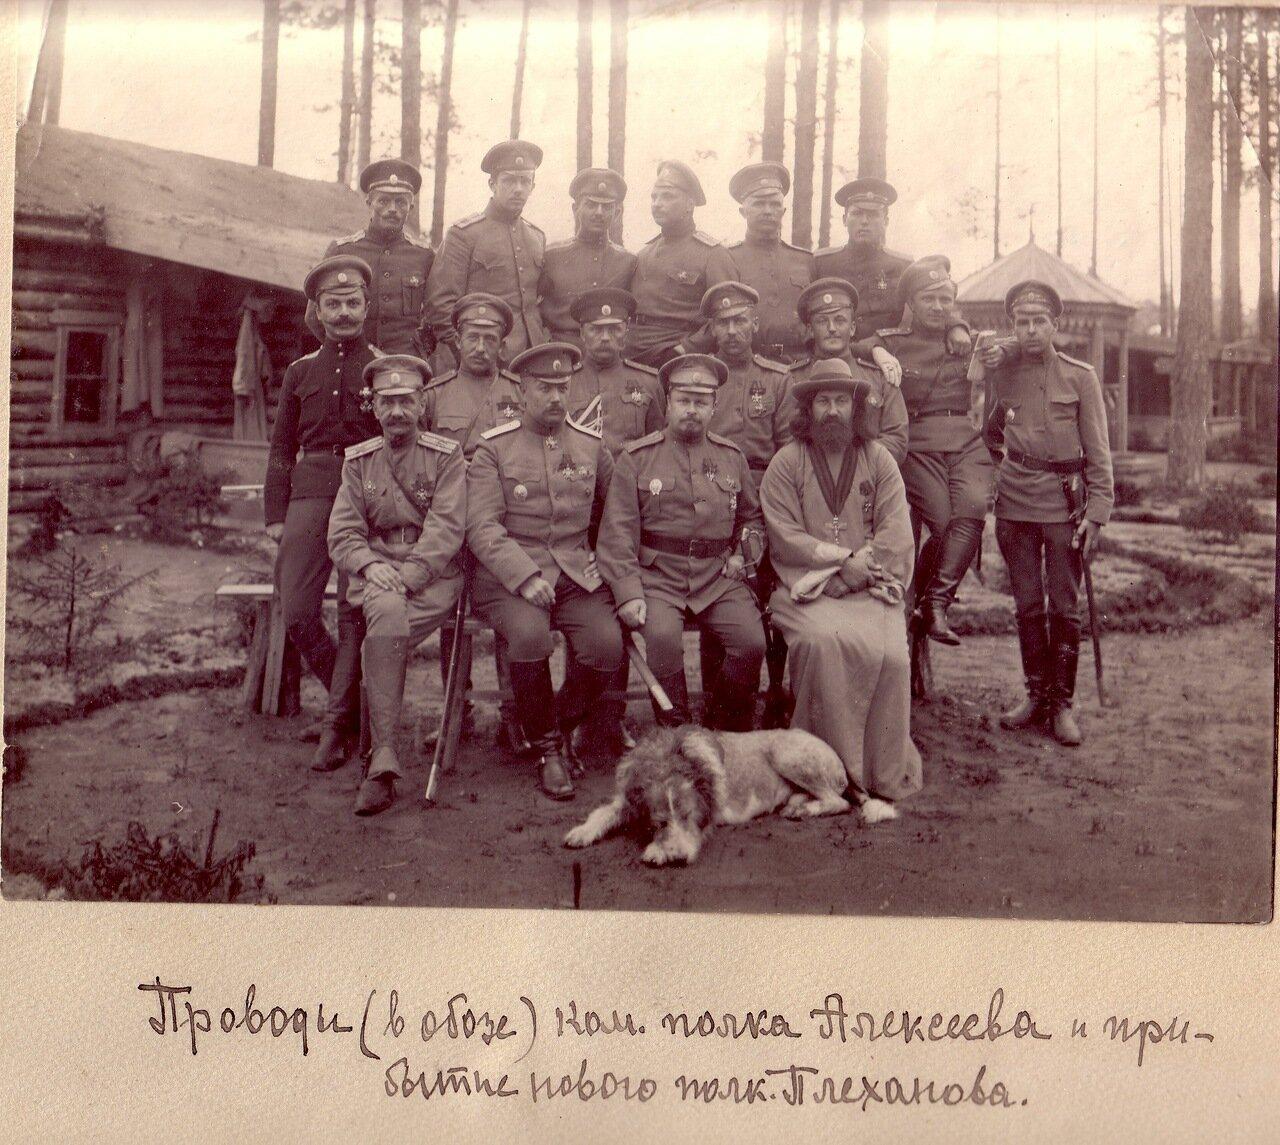 Проводы (в обозе) комполка Алексеева и прибытие нового полковника Плеханова